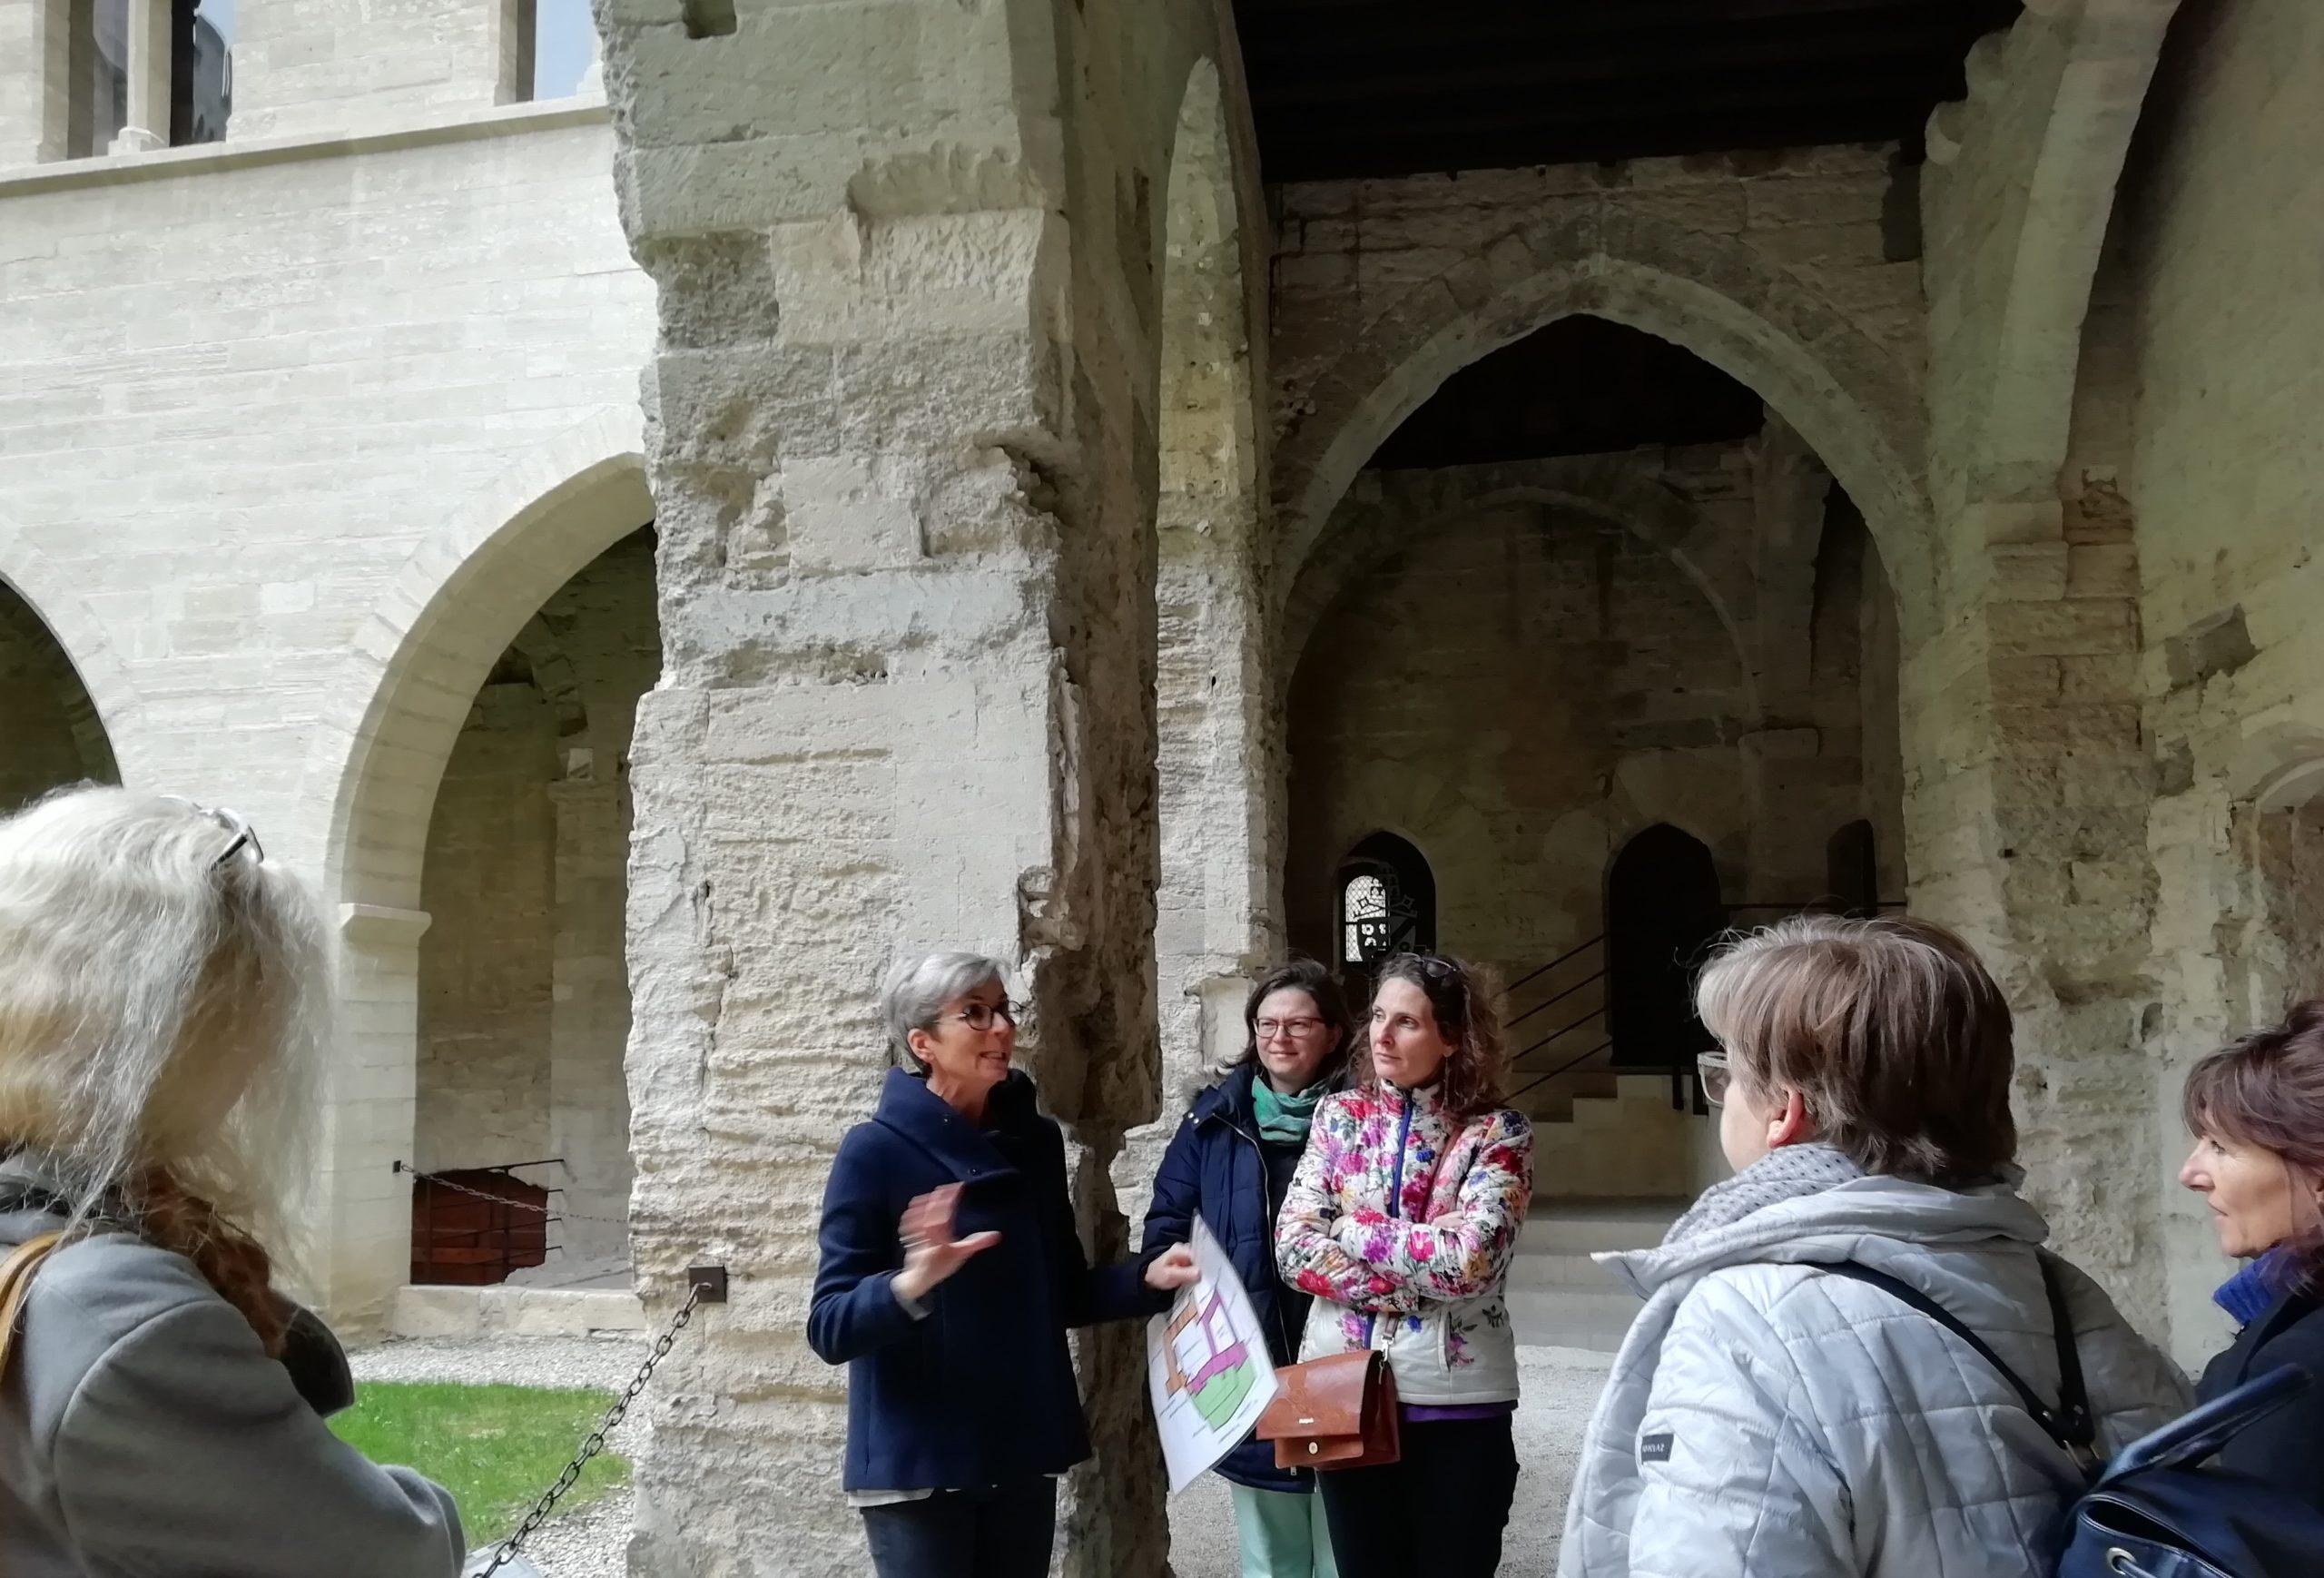 Rencontre AEPF sud-est. Visite des archives départementales du Vaucluse au Palais des Papes, Avignon